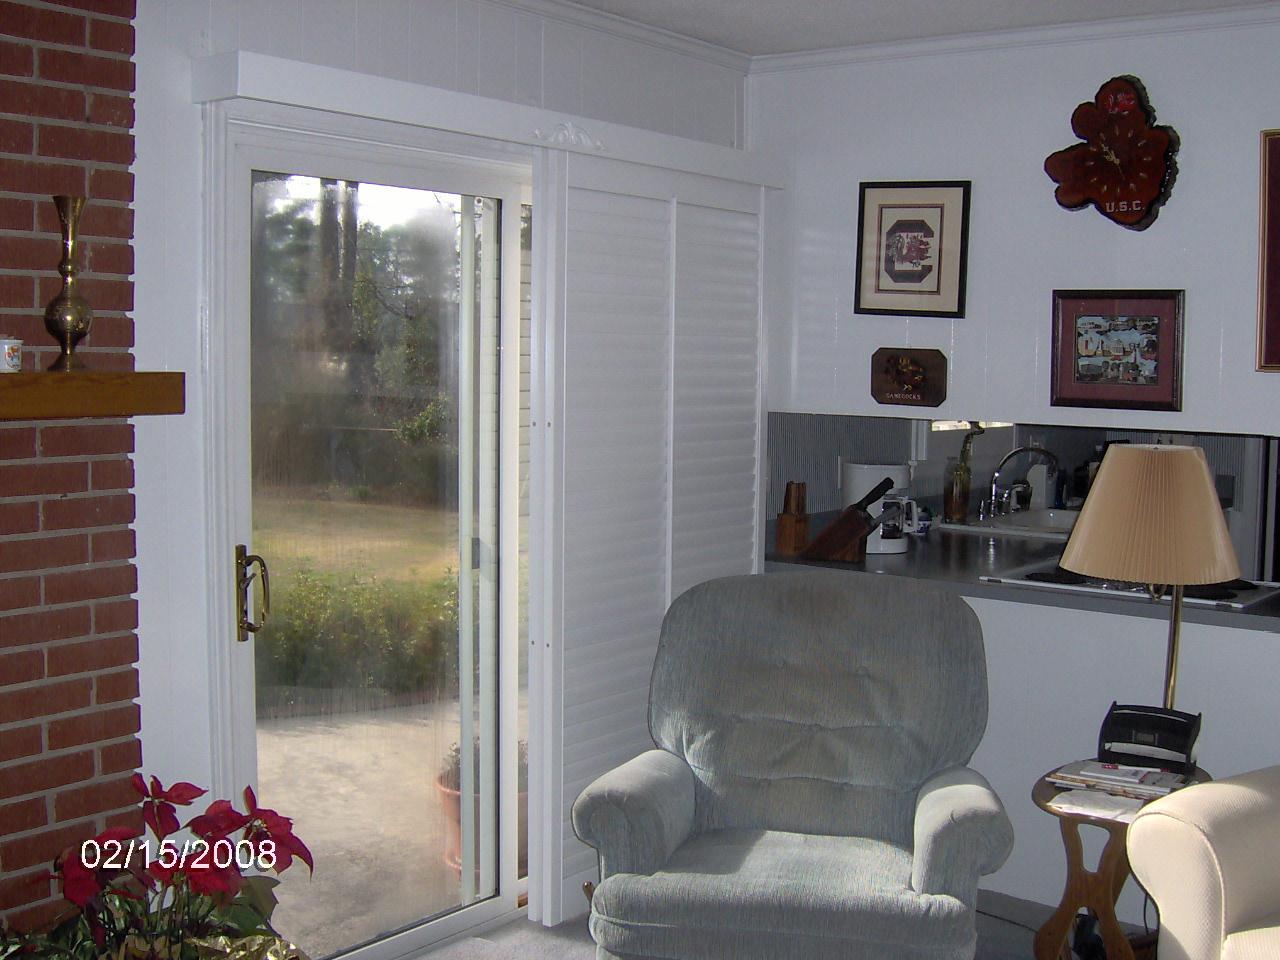 Interior shutters for sliding glass doors - Sliding Glass Door Shutters